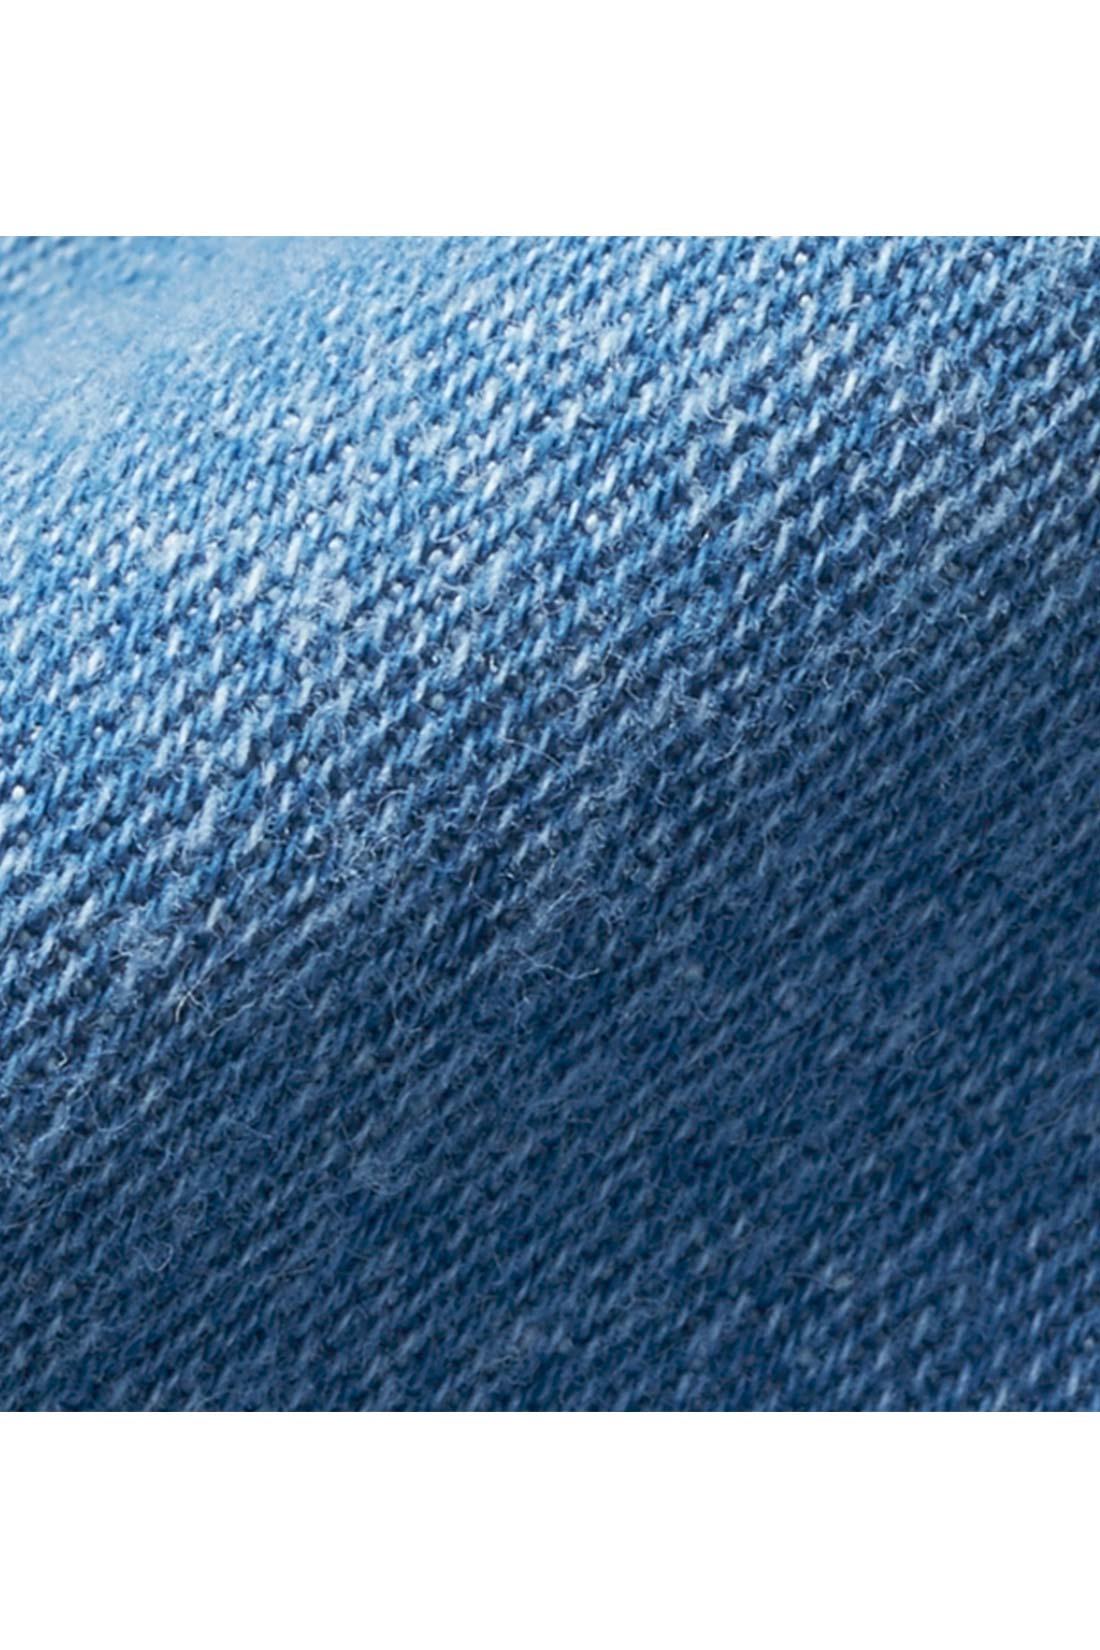 伸びやか&らくちん素材。 とても伸びやかでらくちんな着心地の軽やかな7.5オンスデニム素材。